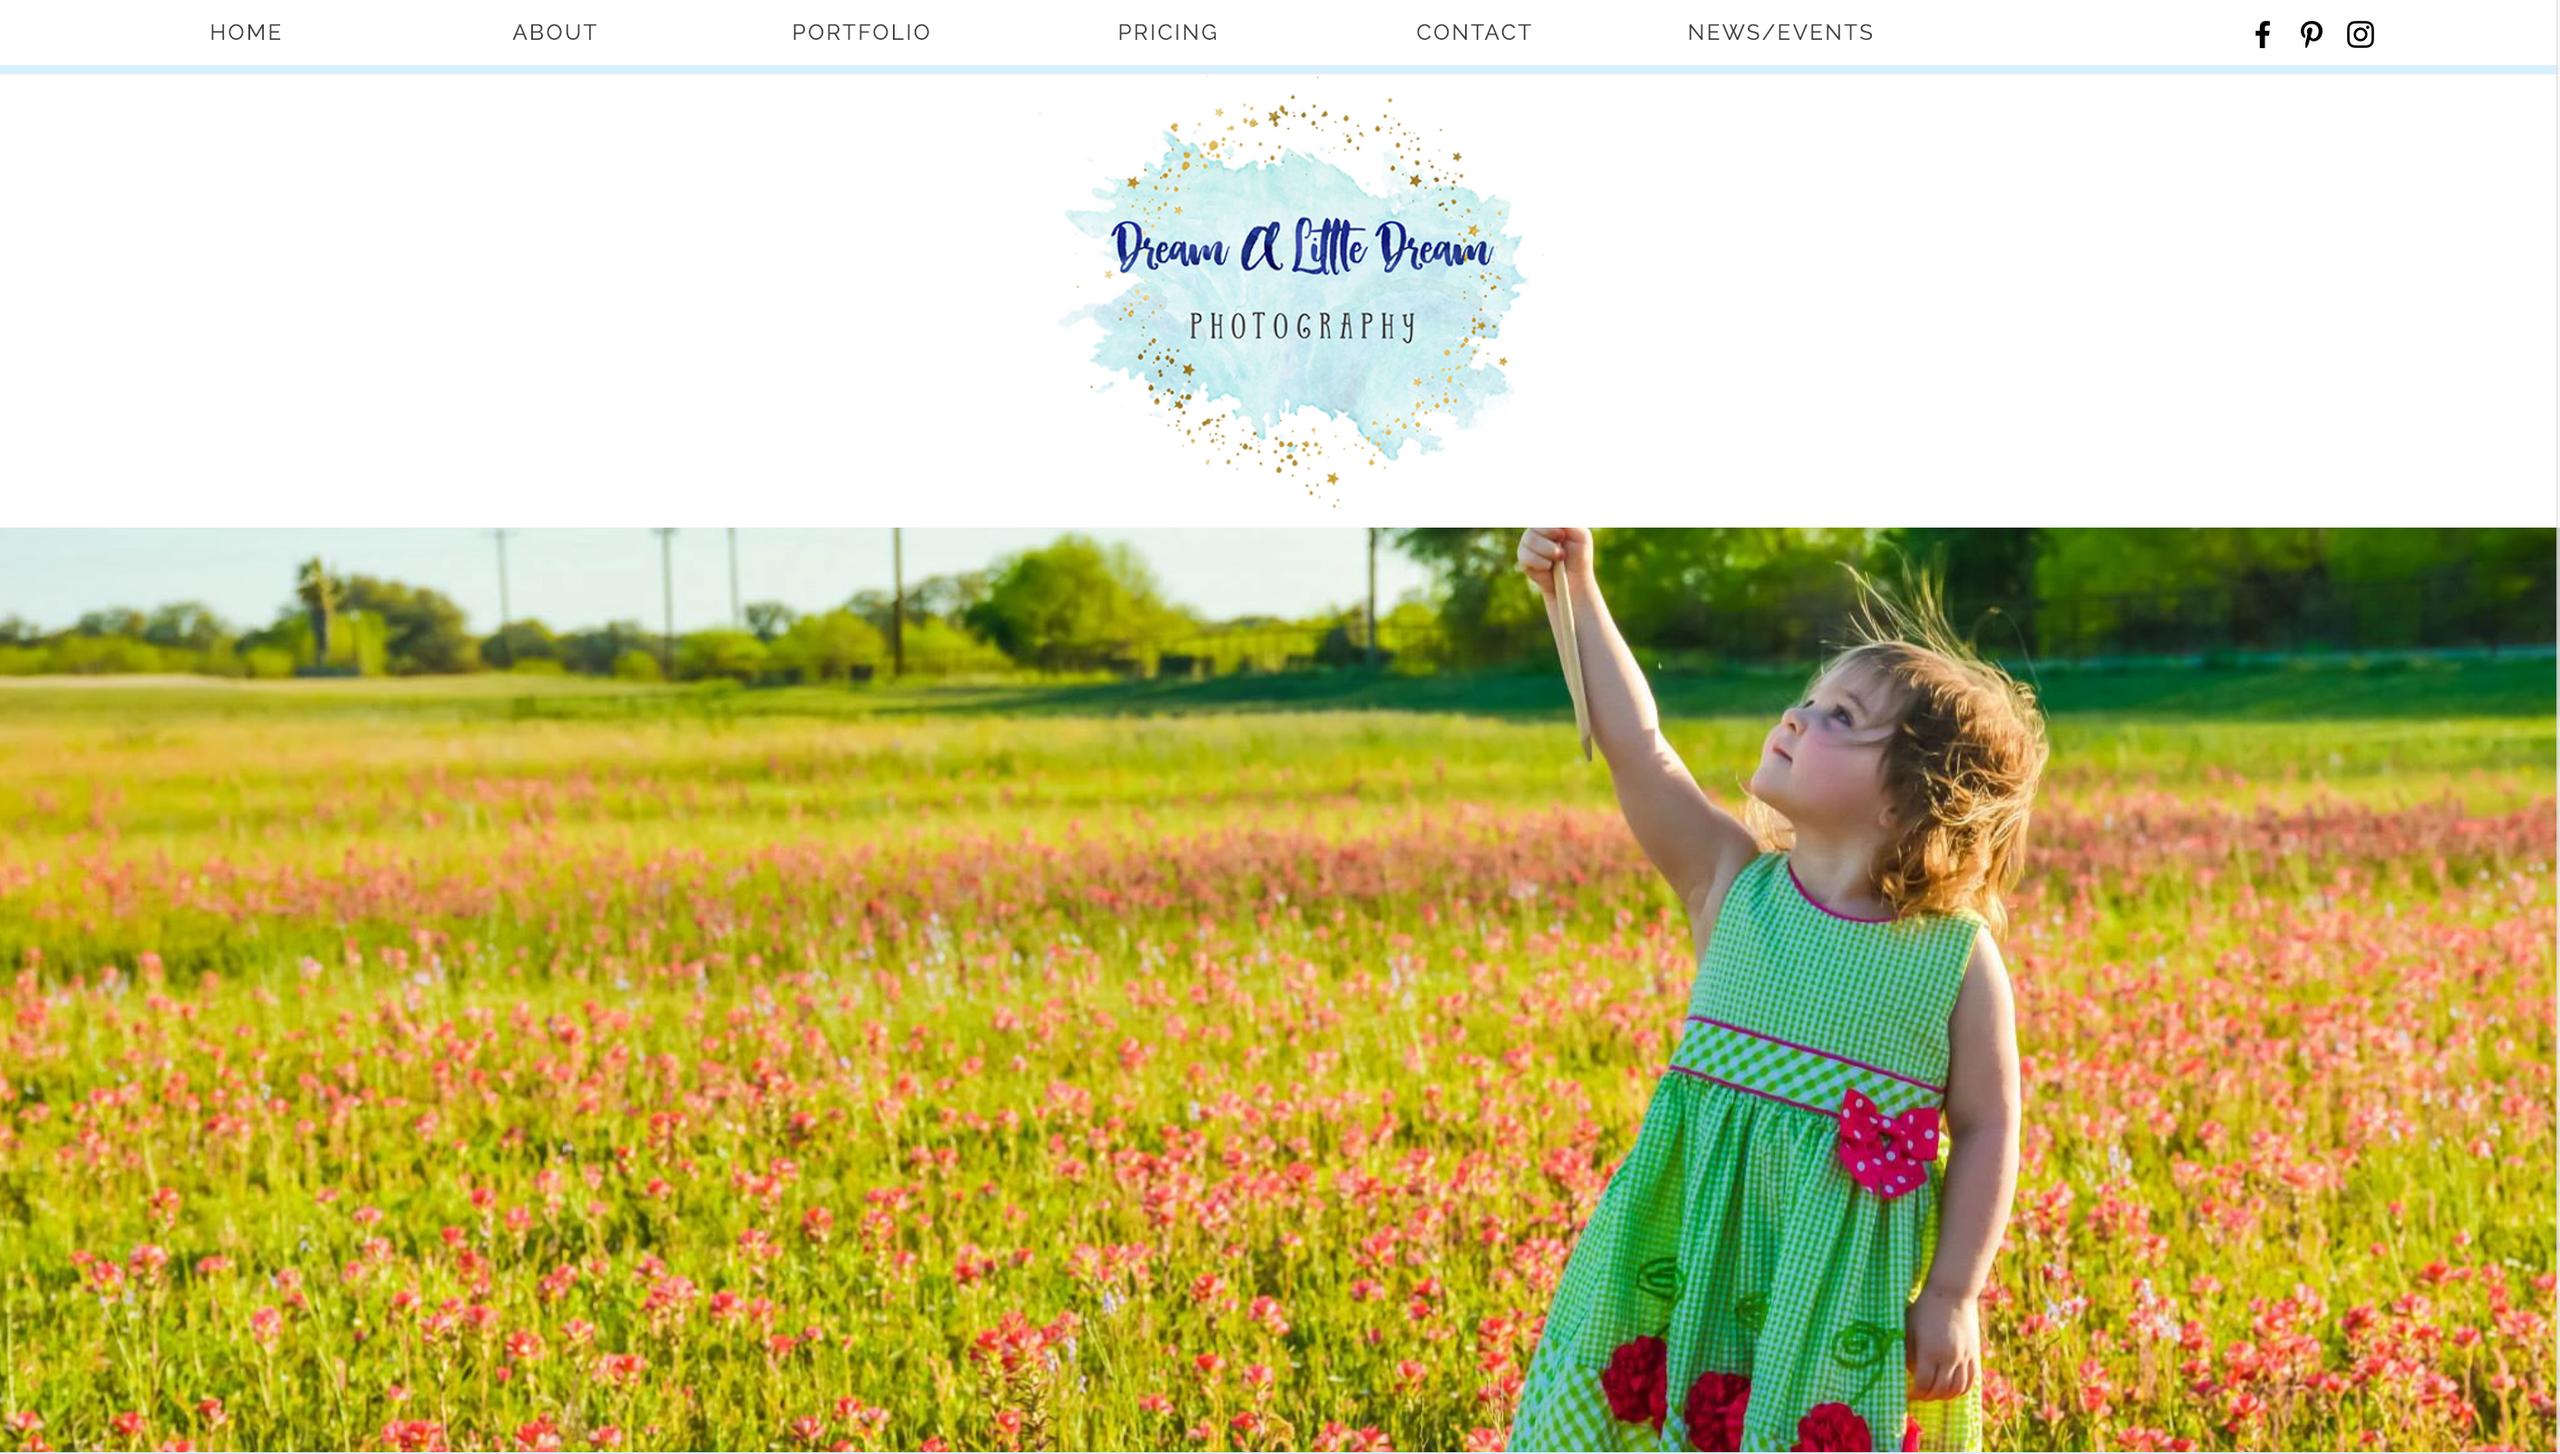 Dream a Little Dream Photography Website Design